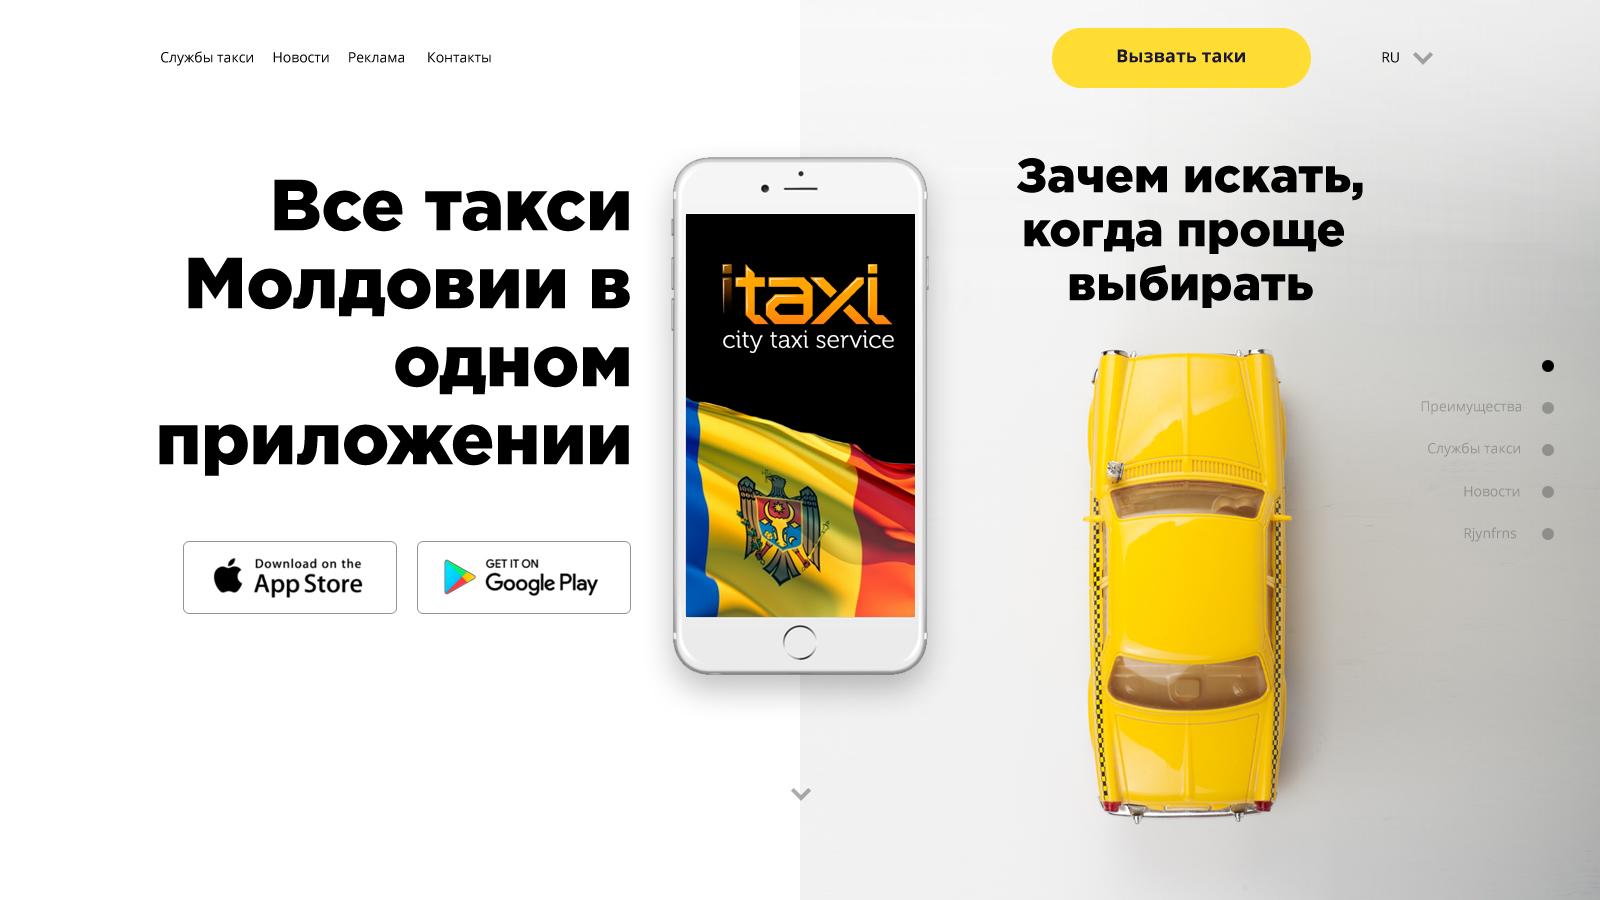 Редизайн сайта www.itaxi.md фото f_2305a15e51a51008.jpg